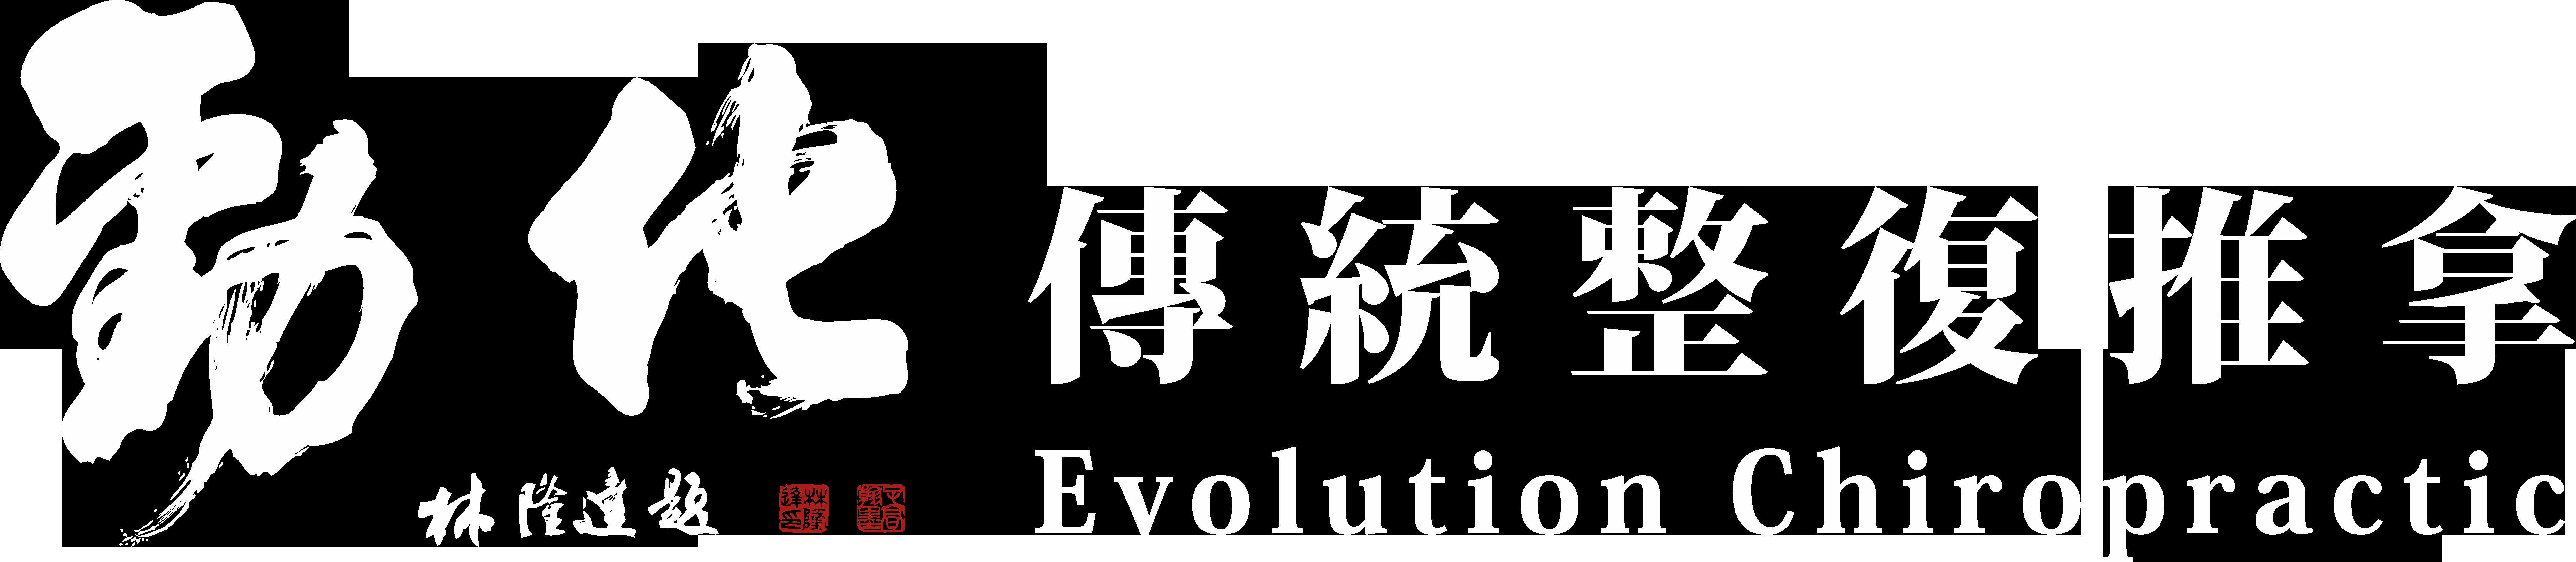 勁化傳統整復推拿官方網站 Logo